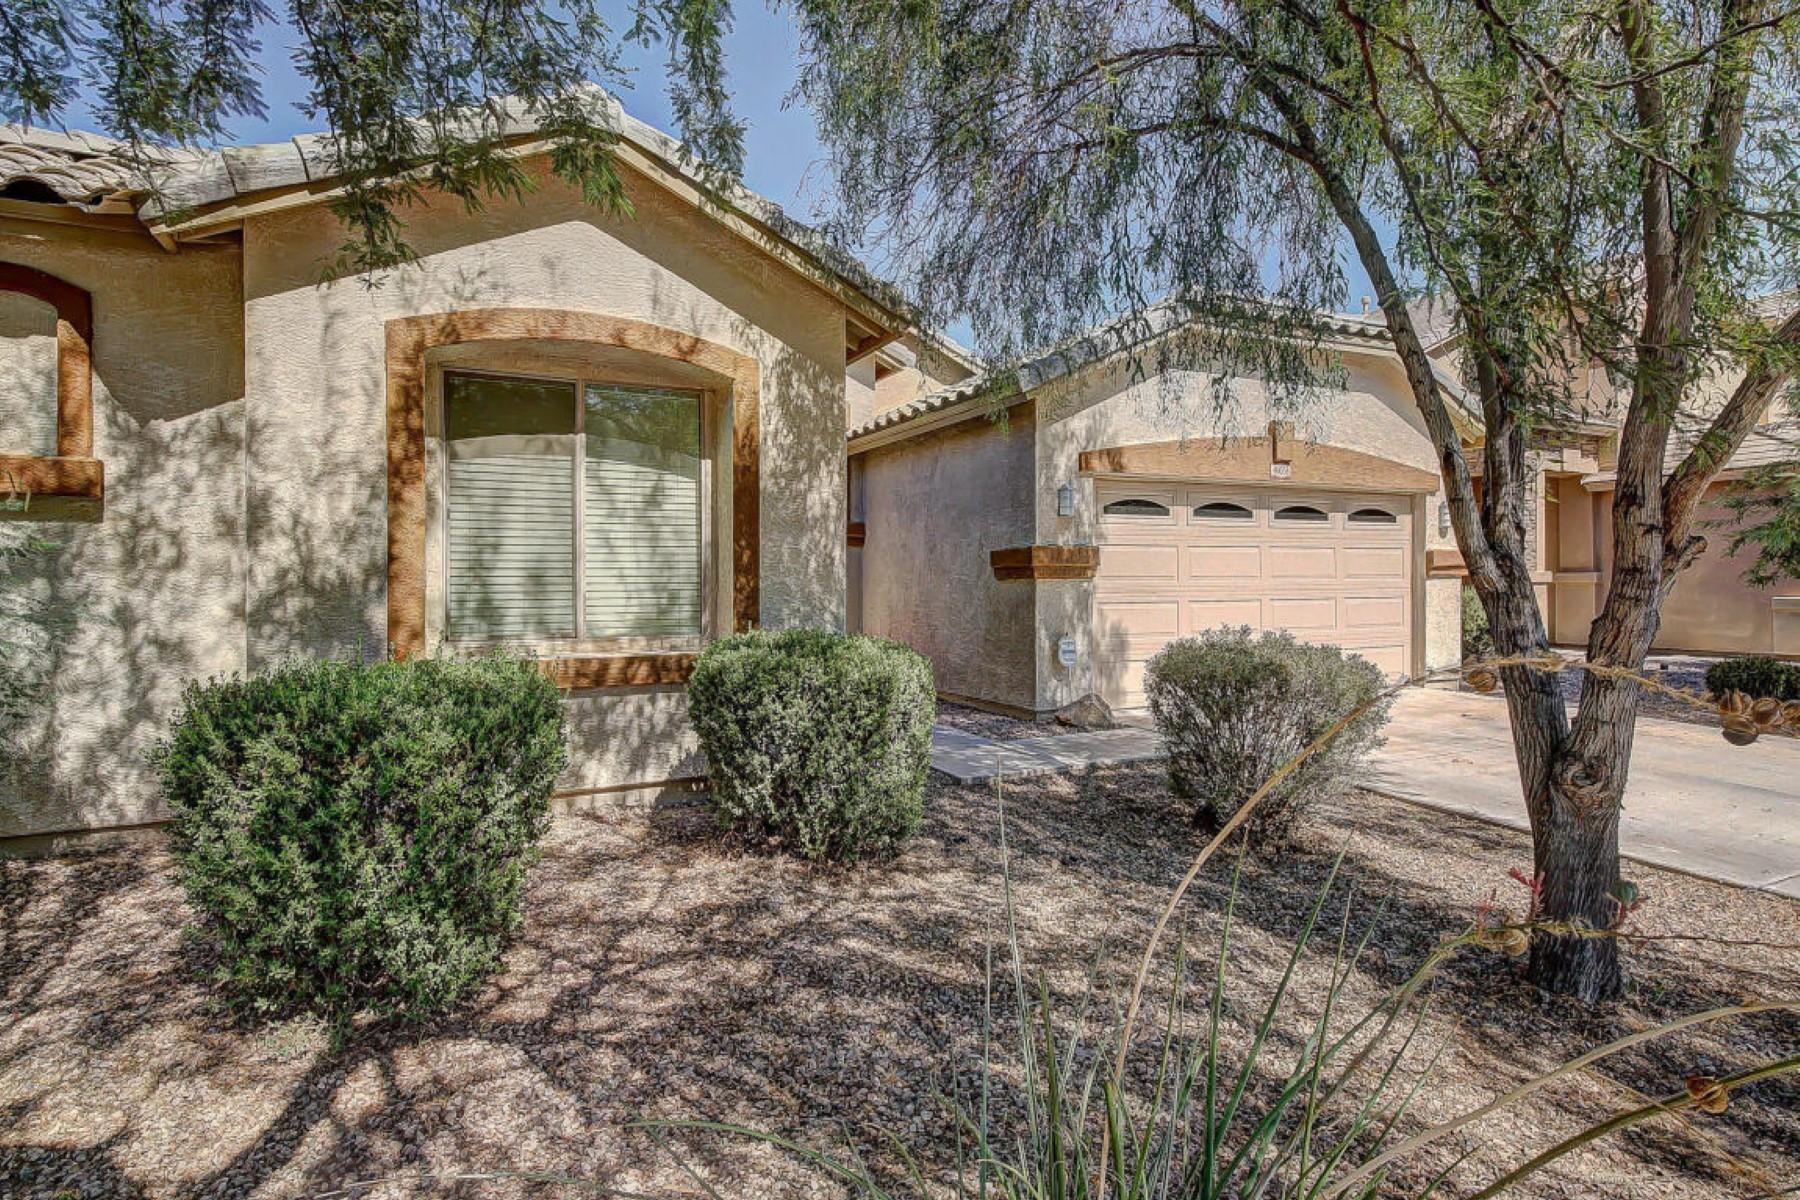 Villa per Vendita alle ore Fantastic, spacious single story home in The Meadows 46058 W Rainbow Dr Maricopa, Arizona 85139 Stati Uniti